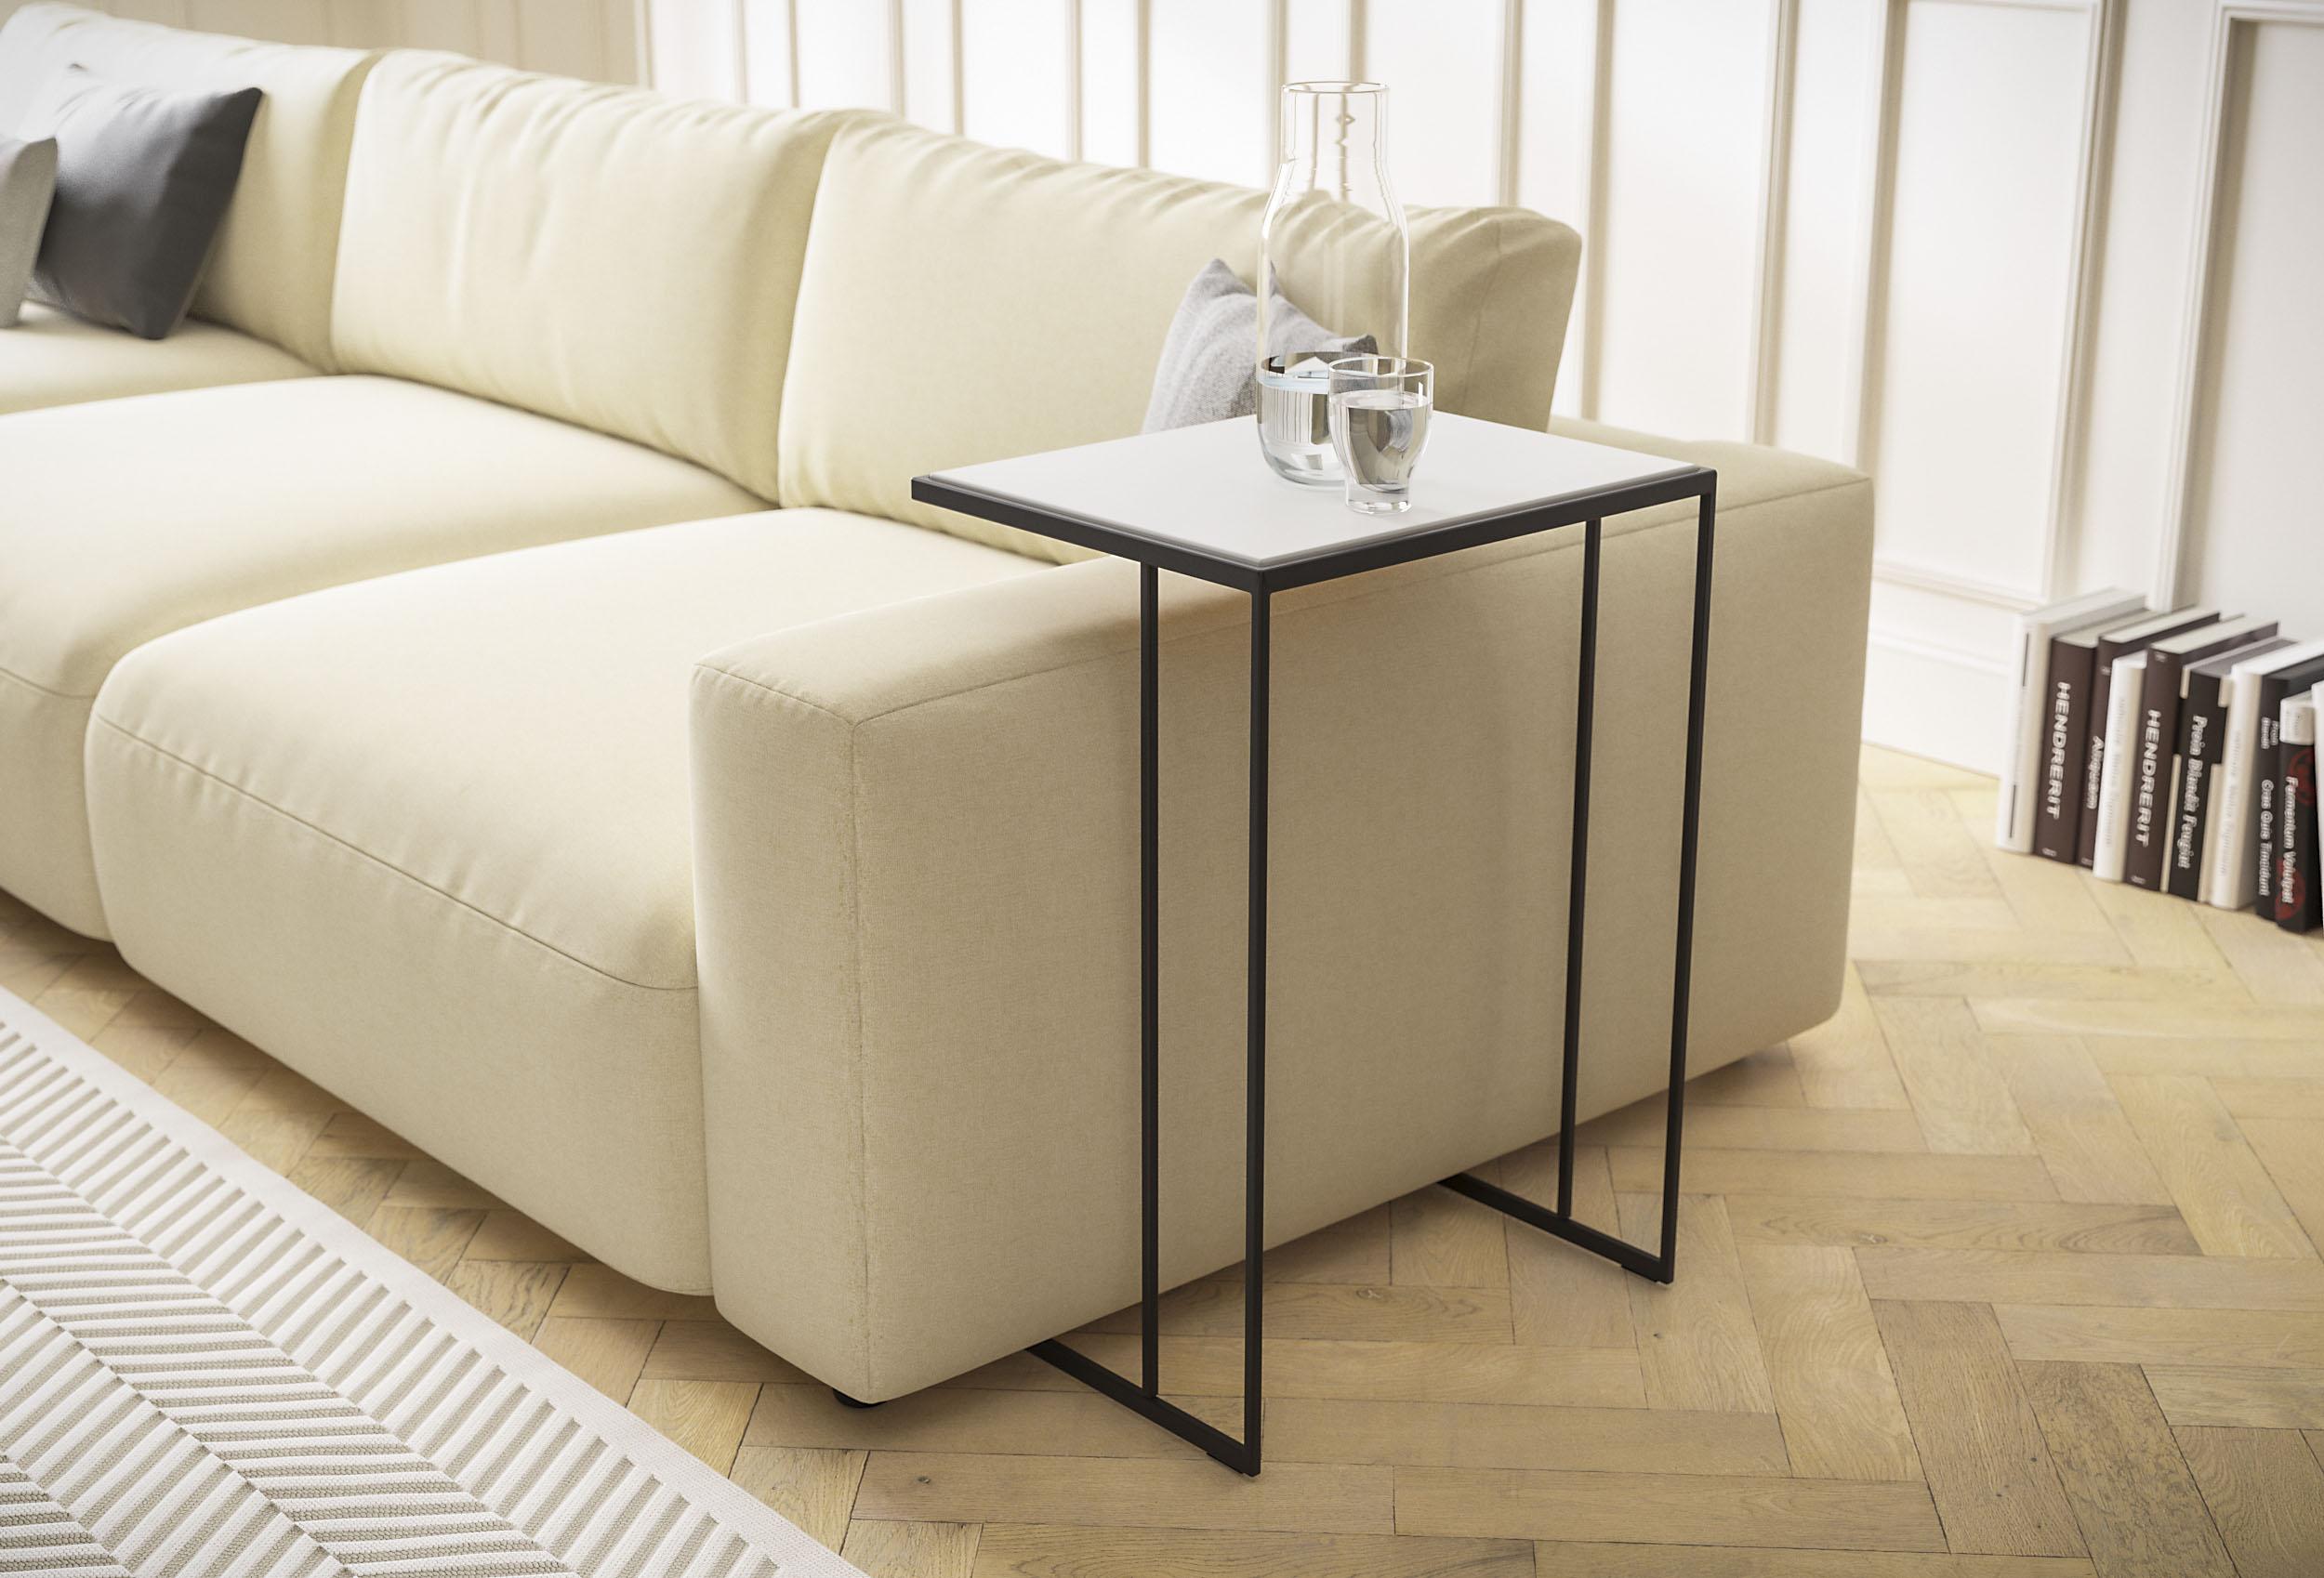 GALLERY M Beistelltisch Toscana weiß Beistelltische Tische